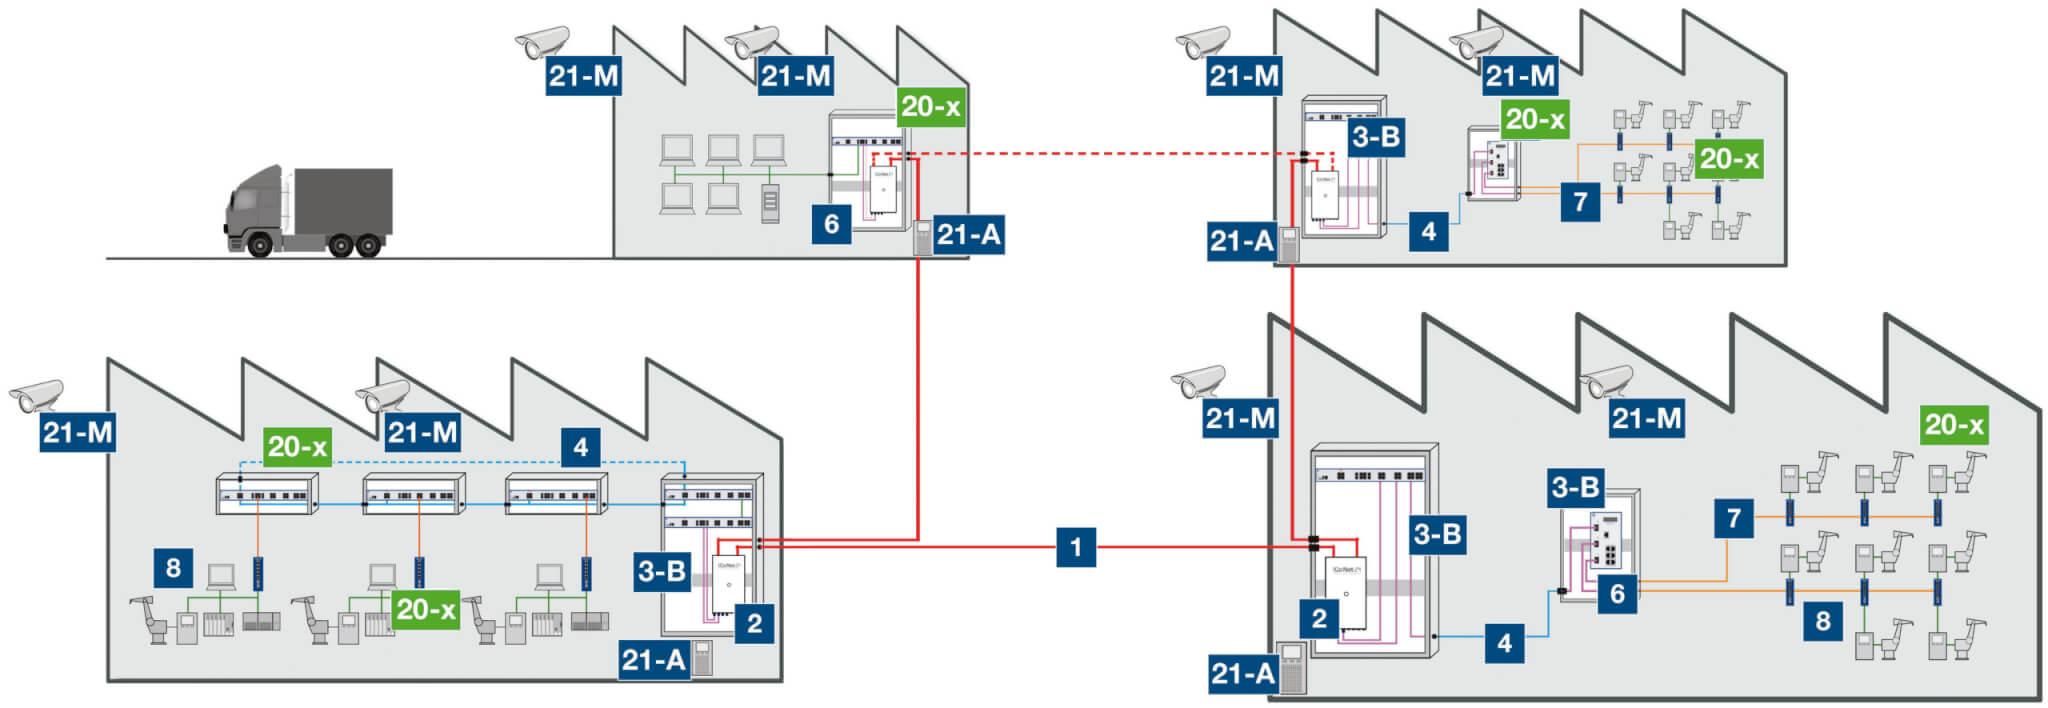 ICS24, Kabel-Konfektion, Netzwerktechnik, Netzwerkkomponenten, Sicherheitstechnik, ICoNet24, Fertigungsunternehmen